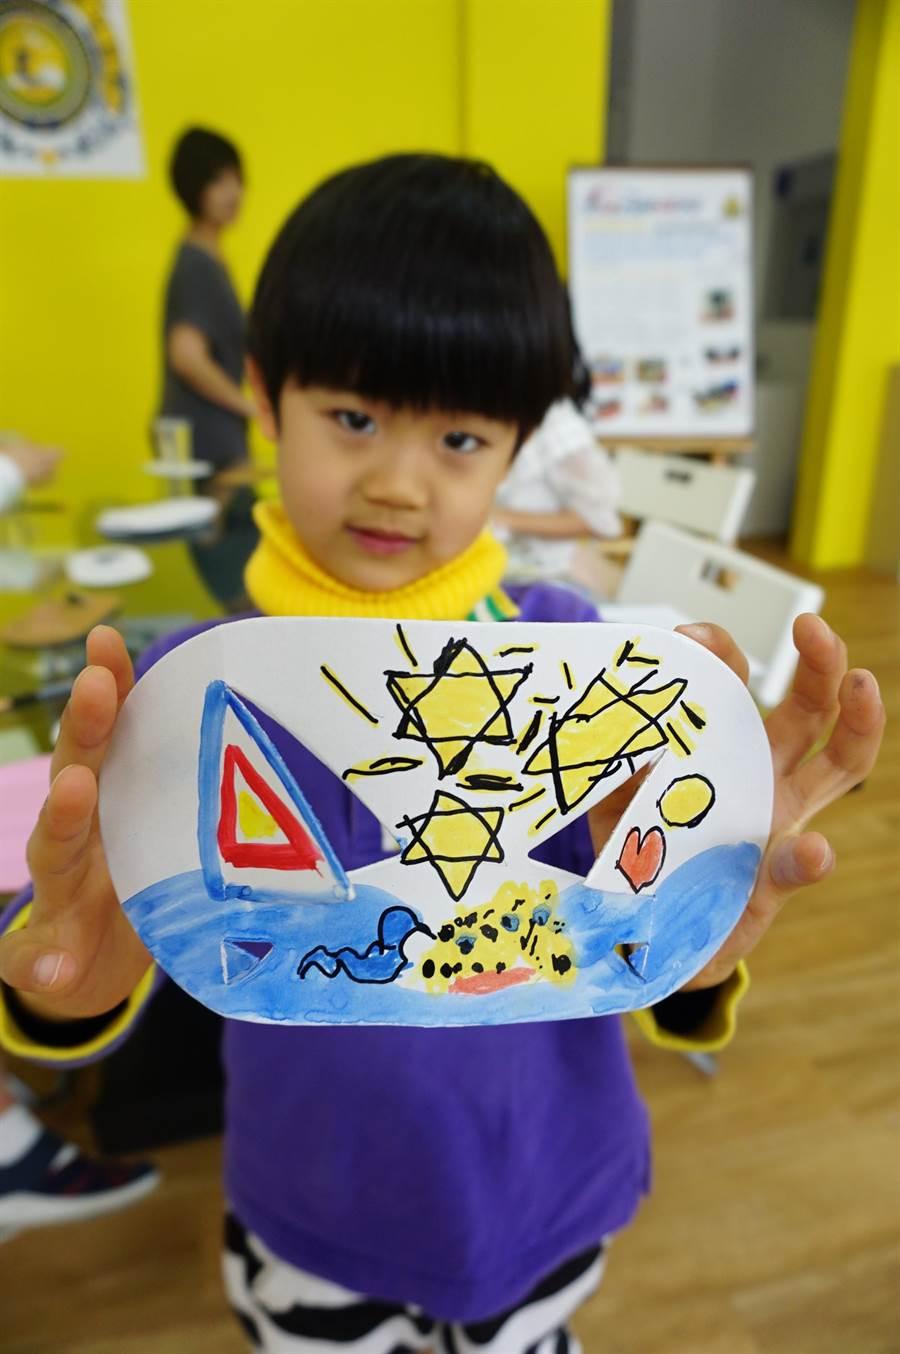 5歲羅儒悌展示自己創作發明的「多功能可折疊杯墊」,作品還有可愛手繪圖案。(王文吉攝)